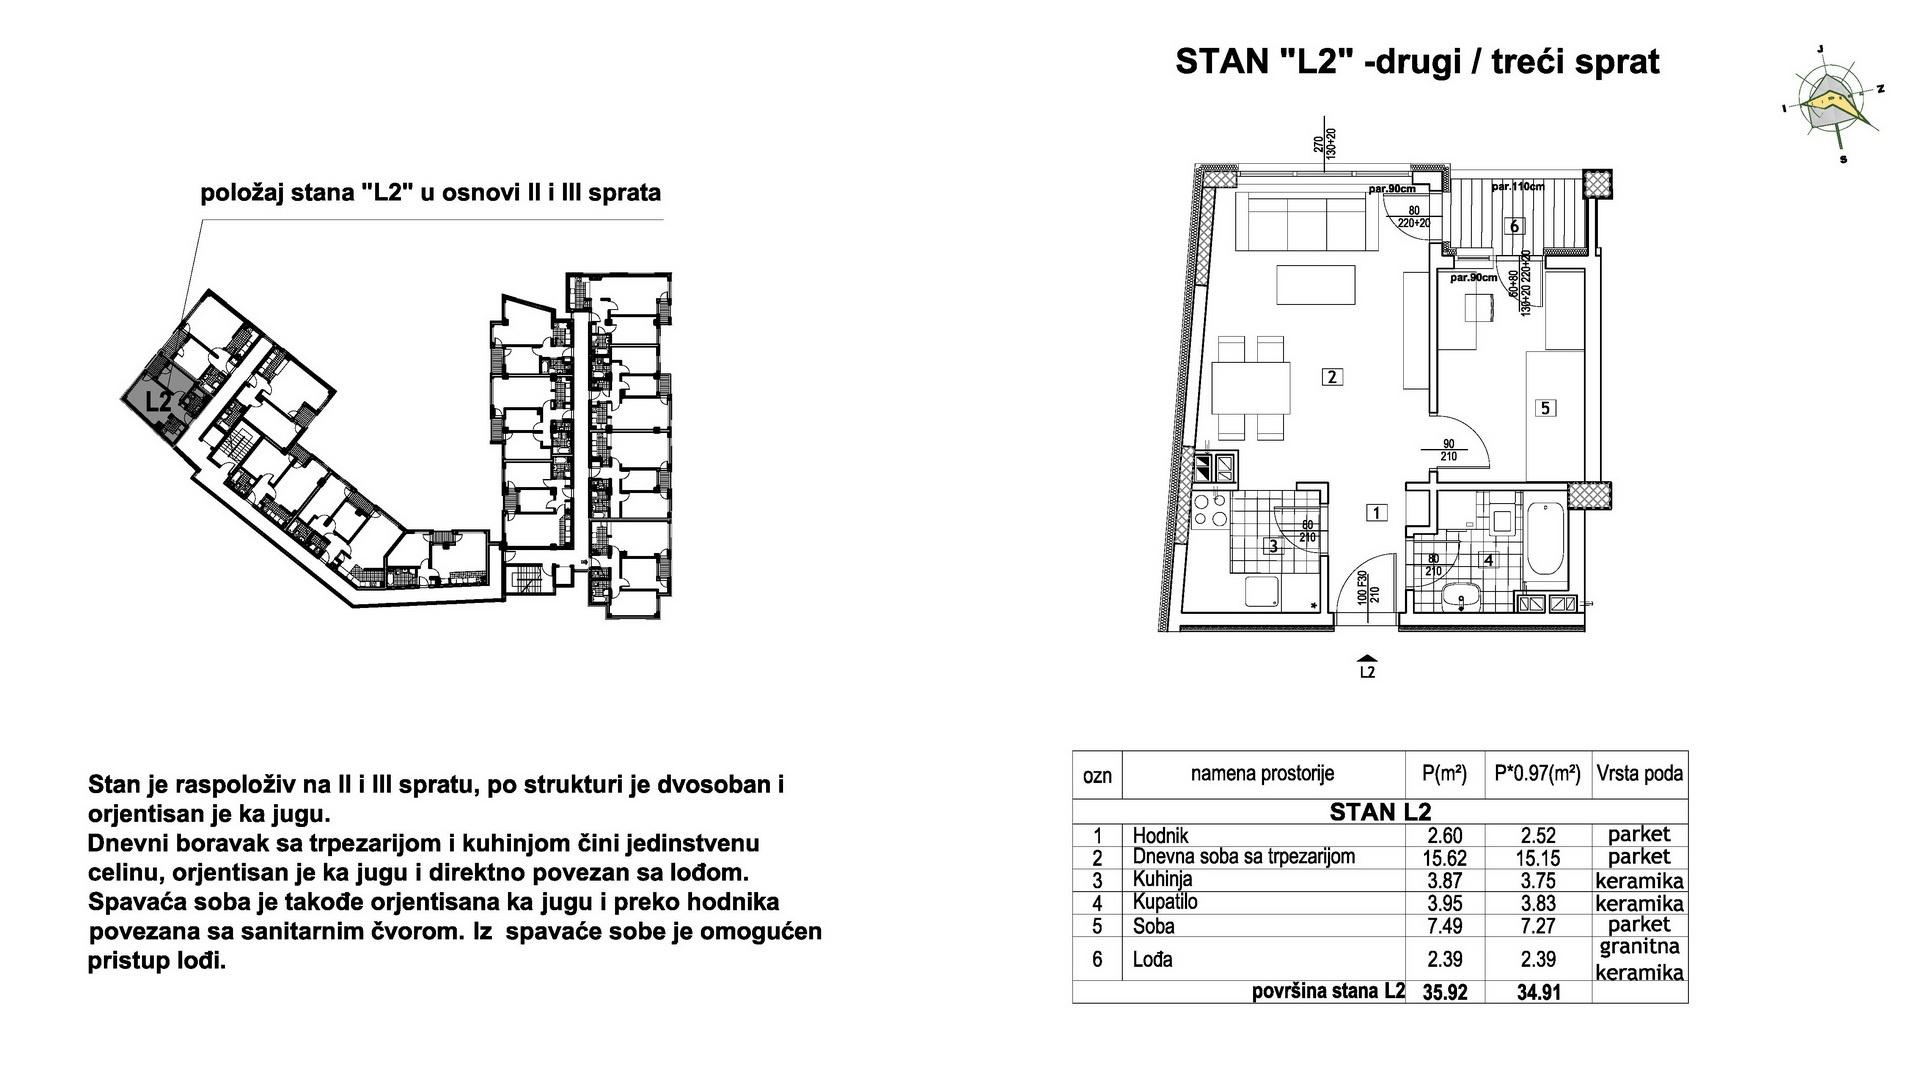 Objekat u Prešernovoj bb - Stan L2